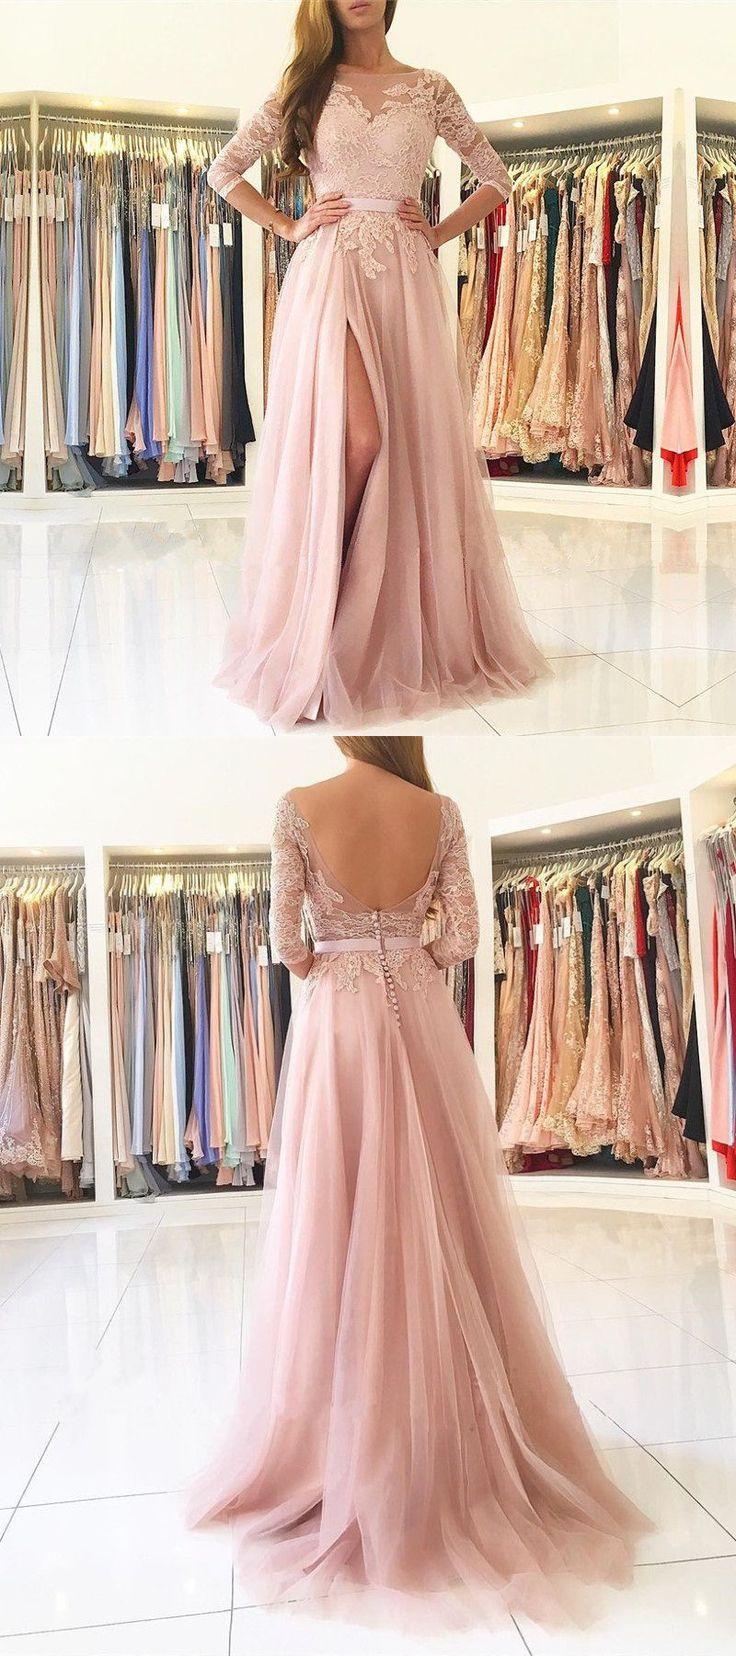 O-Neck Appliques A-Line Prom Dresses,Long Prom Dresses,Cheap Prom Dresses, Evening Dress Prom Gowns, Formal Women Dress,Prom Dress #longpromdresses